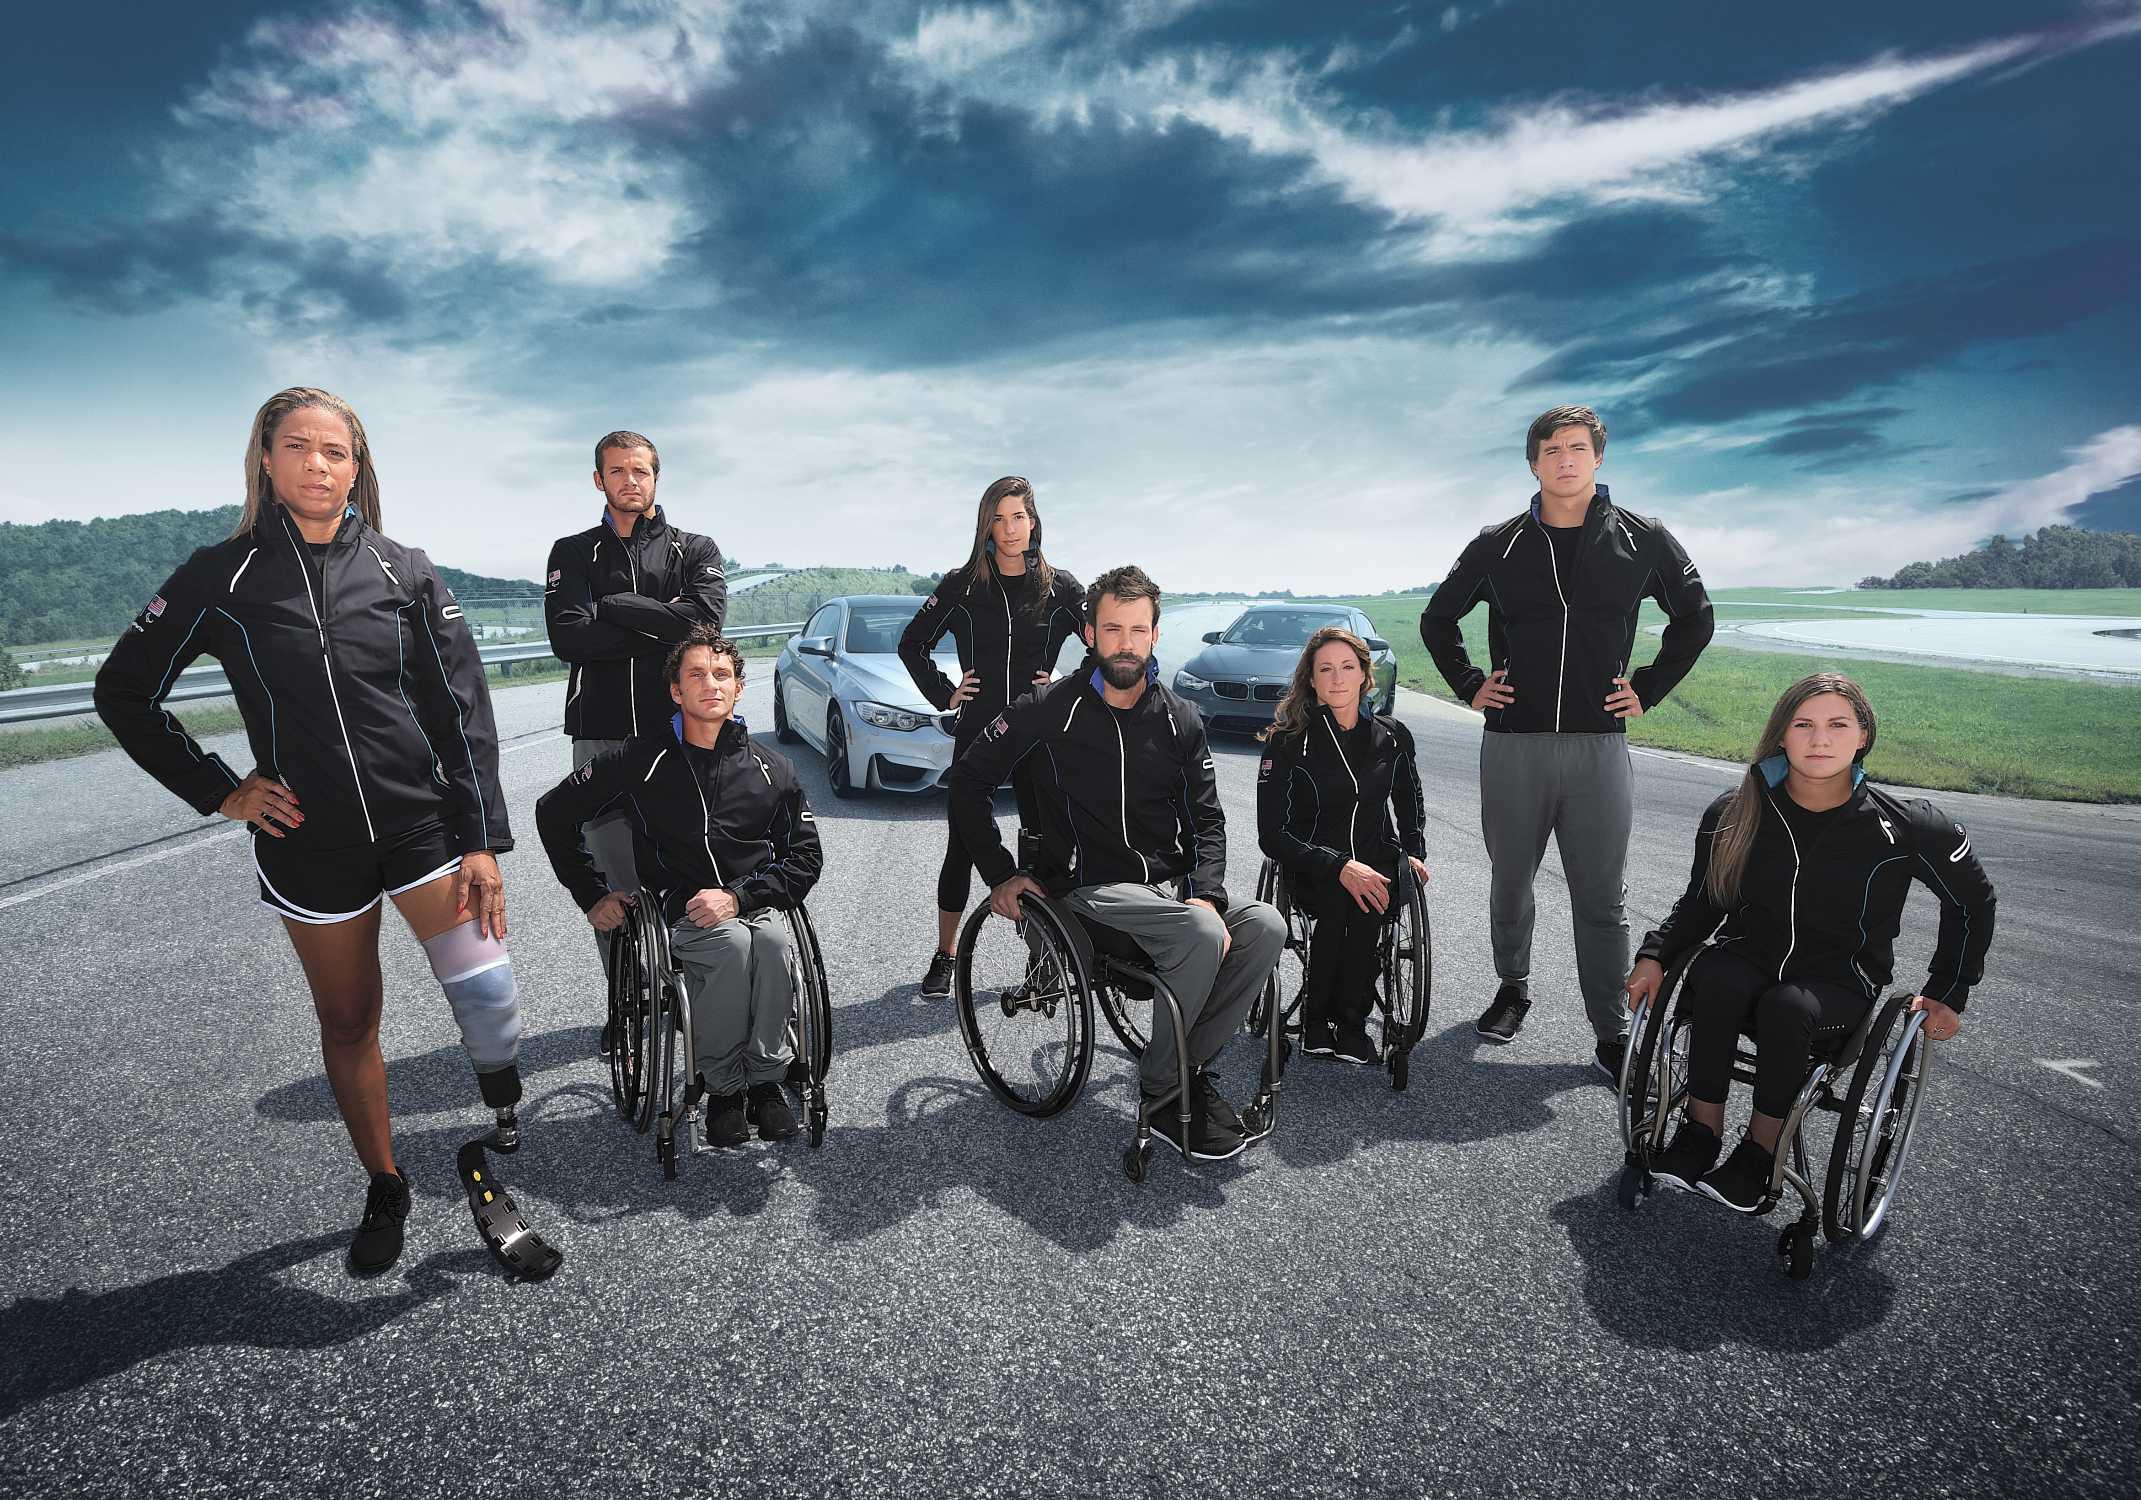 Une bande annonce spectaculaire pour démarrer les jeux paralympiques de Rio